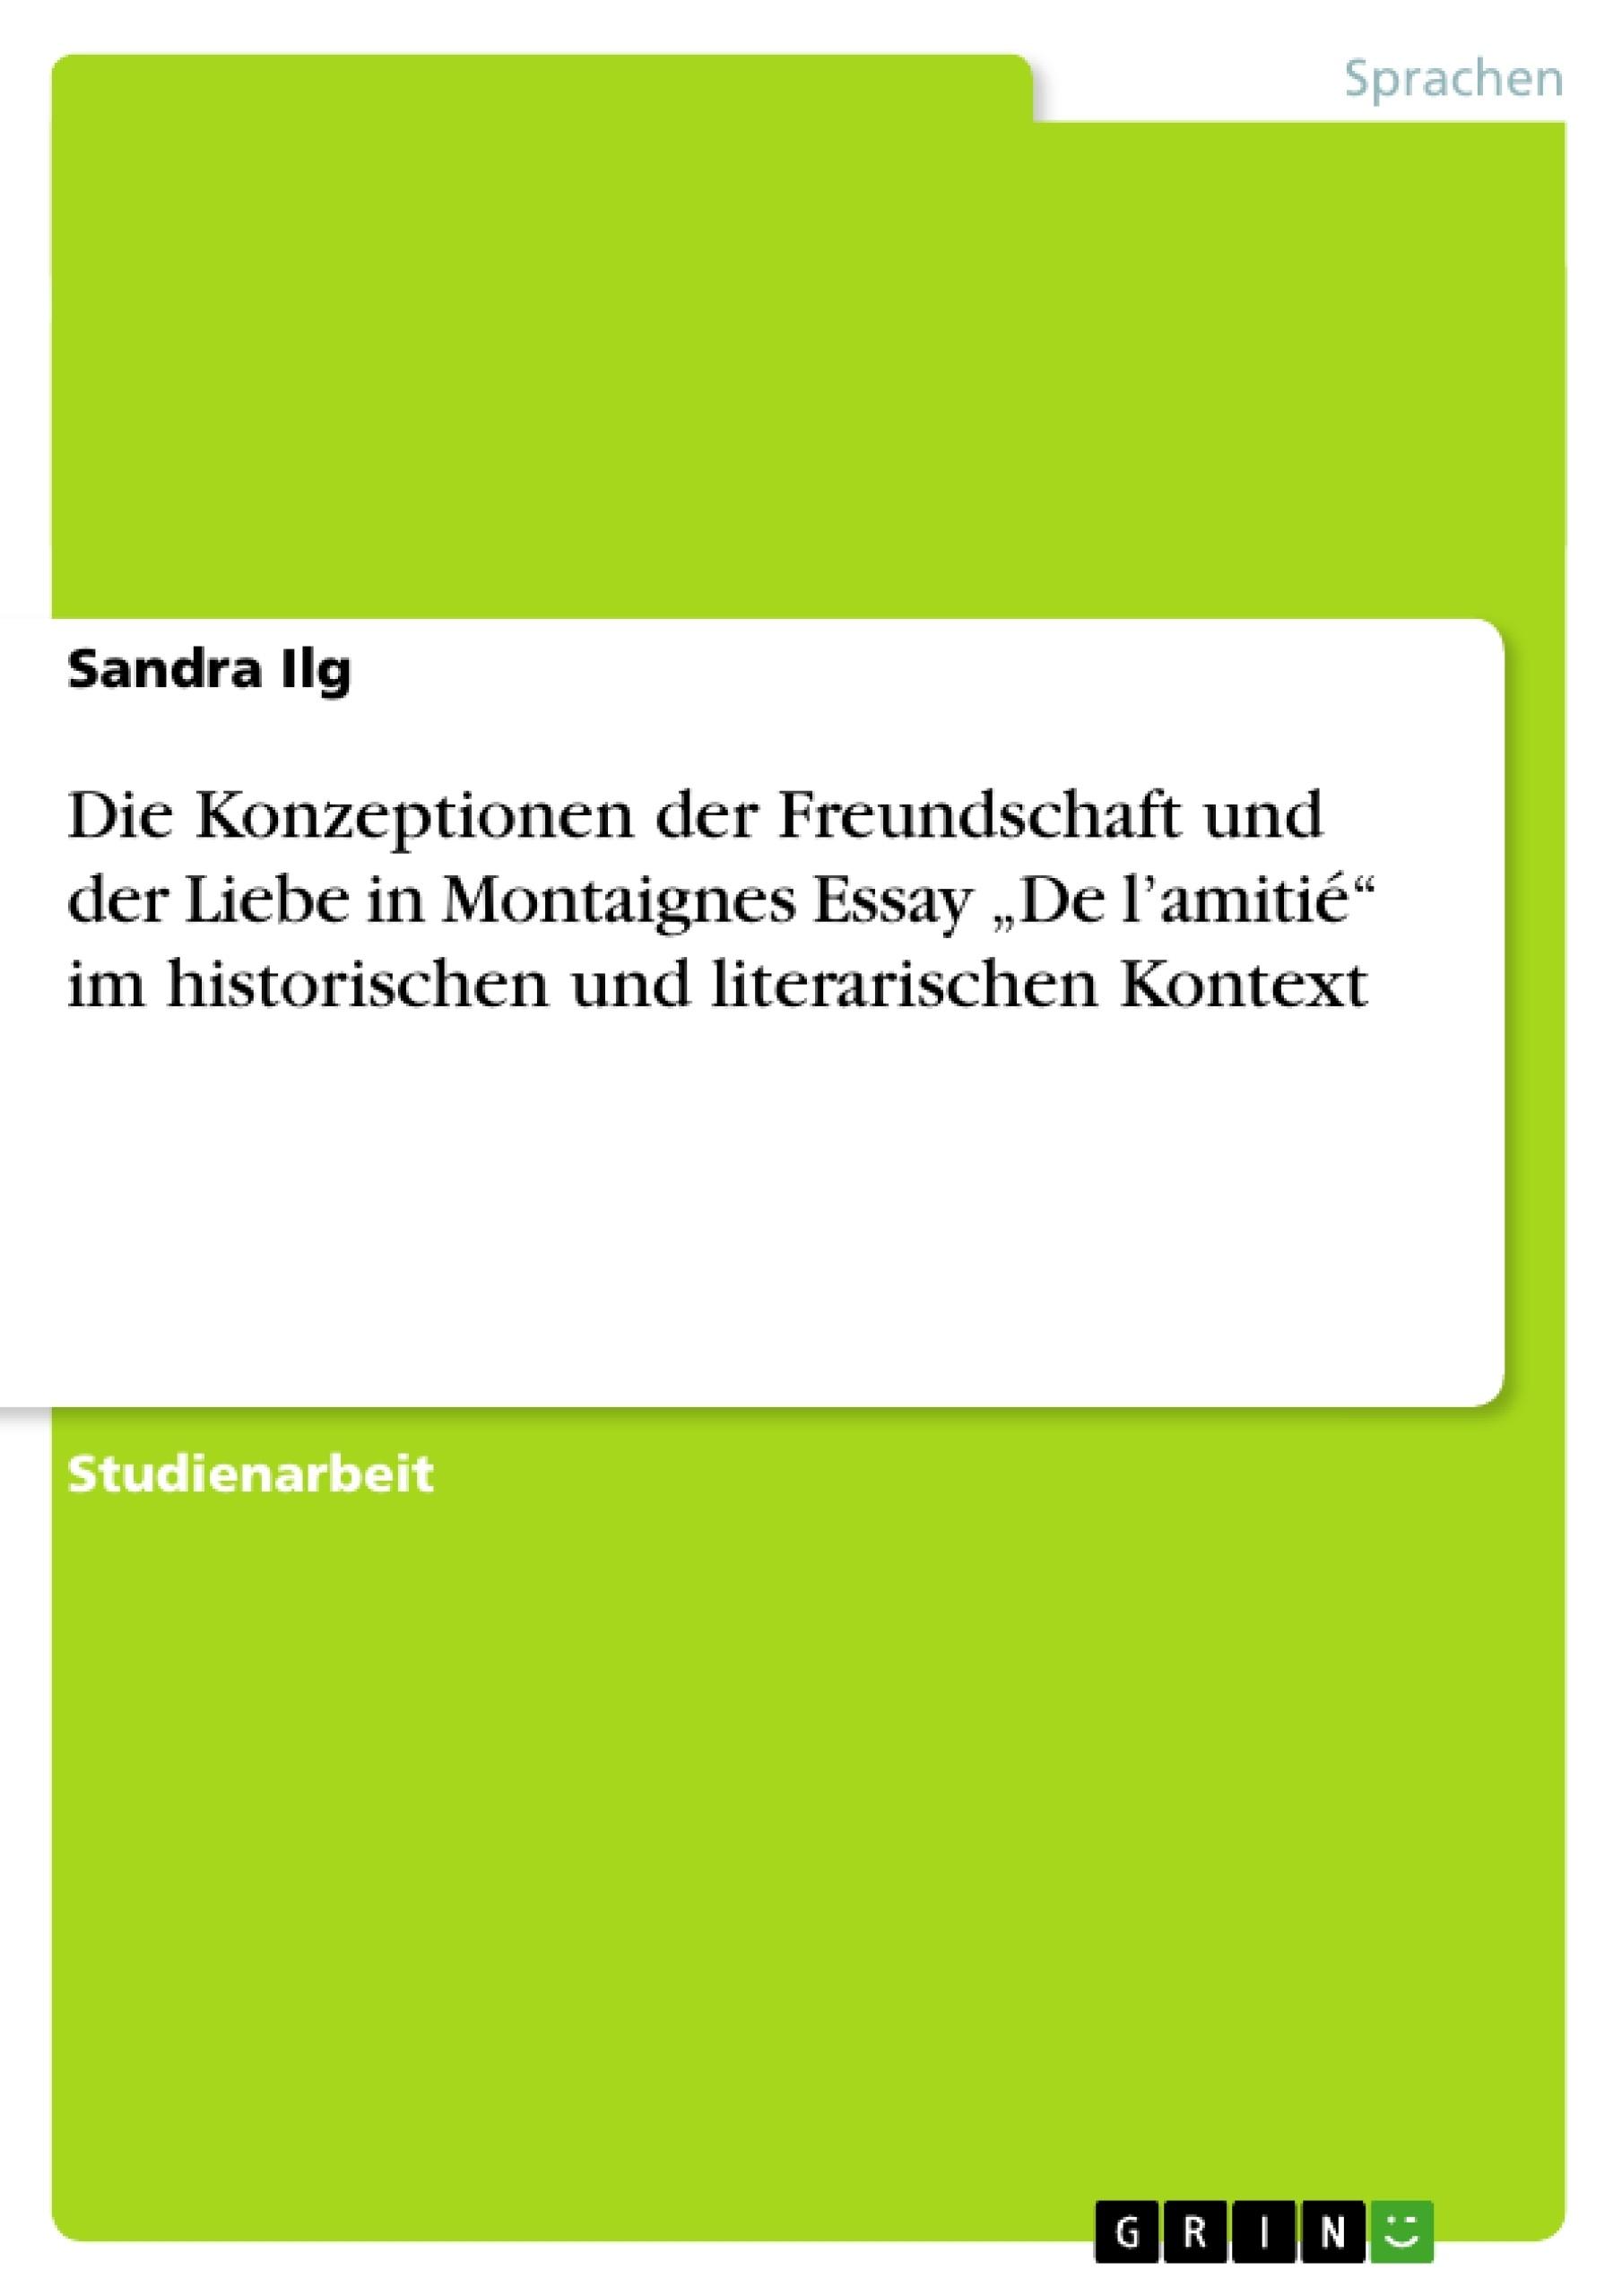 """Titel: Die Konzeptionen der Freundschaft und der Liebe in Montaignes  Essay """"De l'amitié"""" im historischen und literarischen Kontext"""